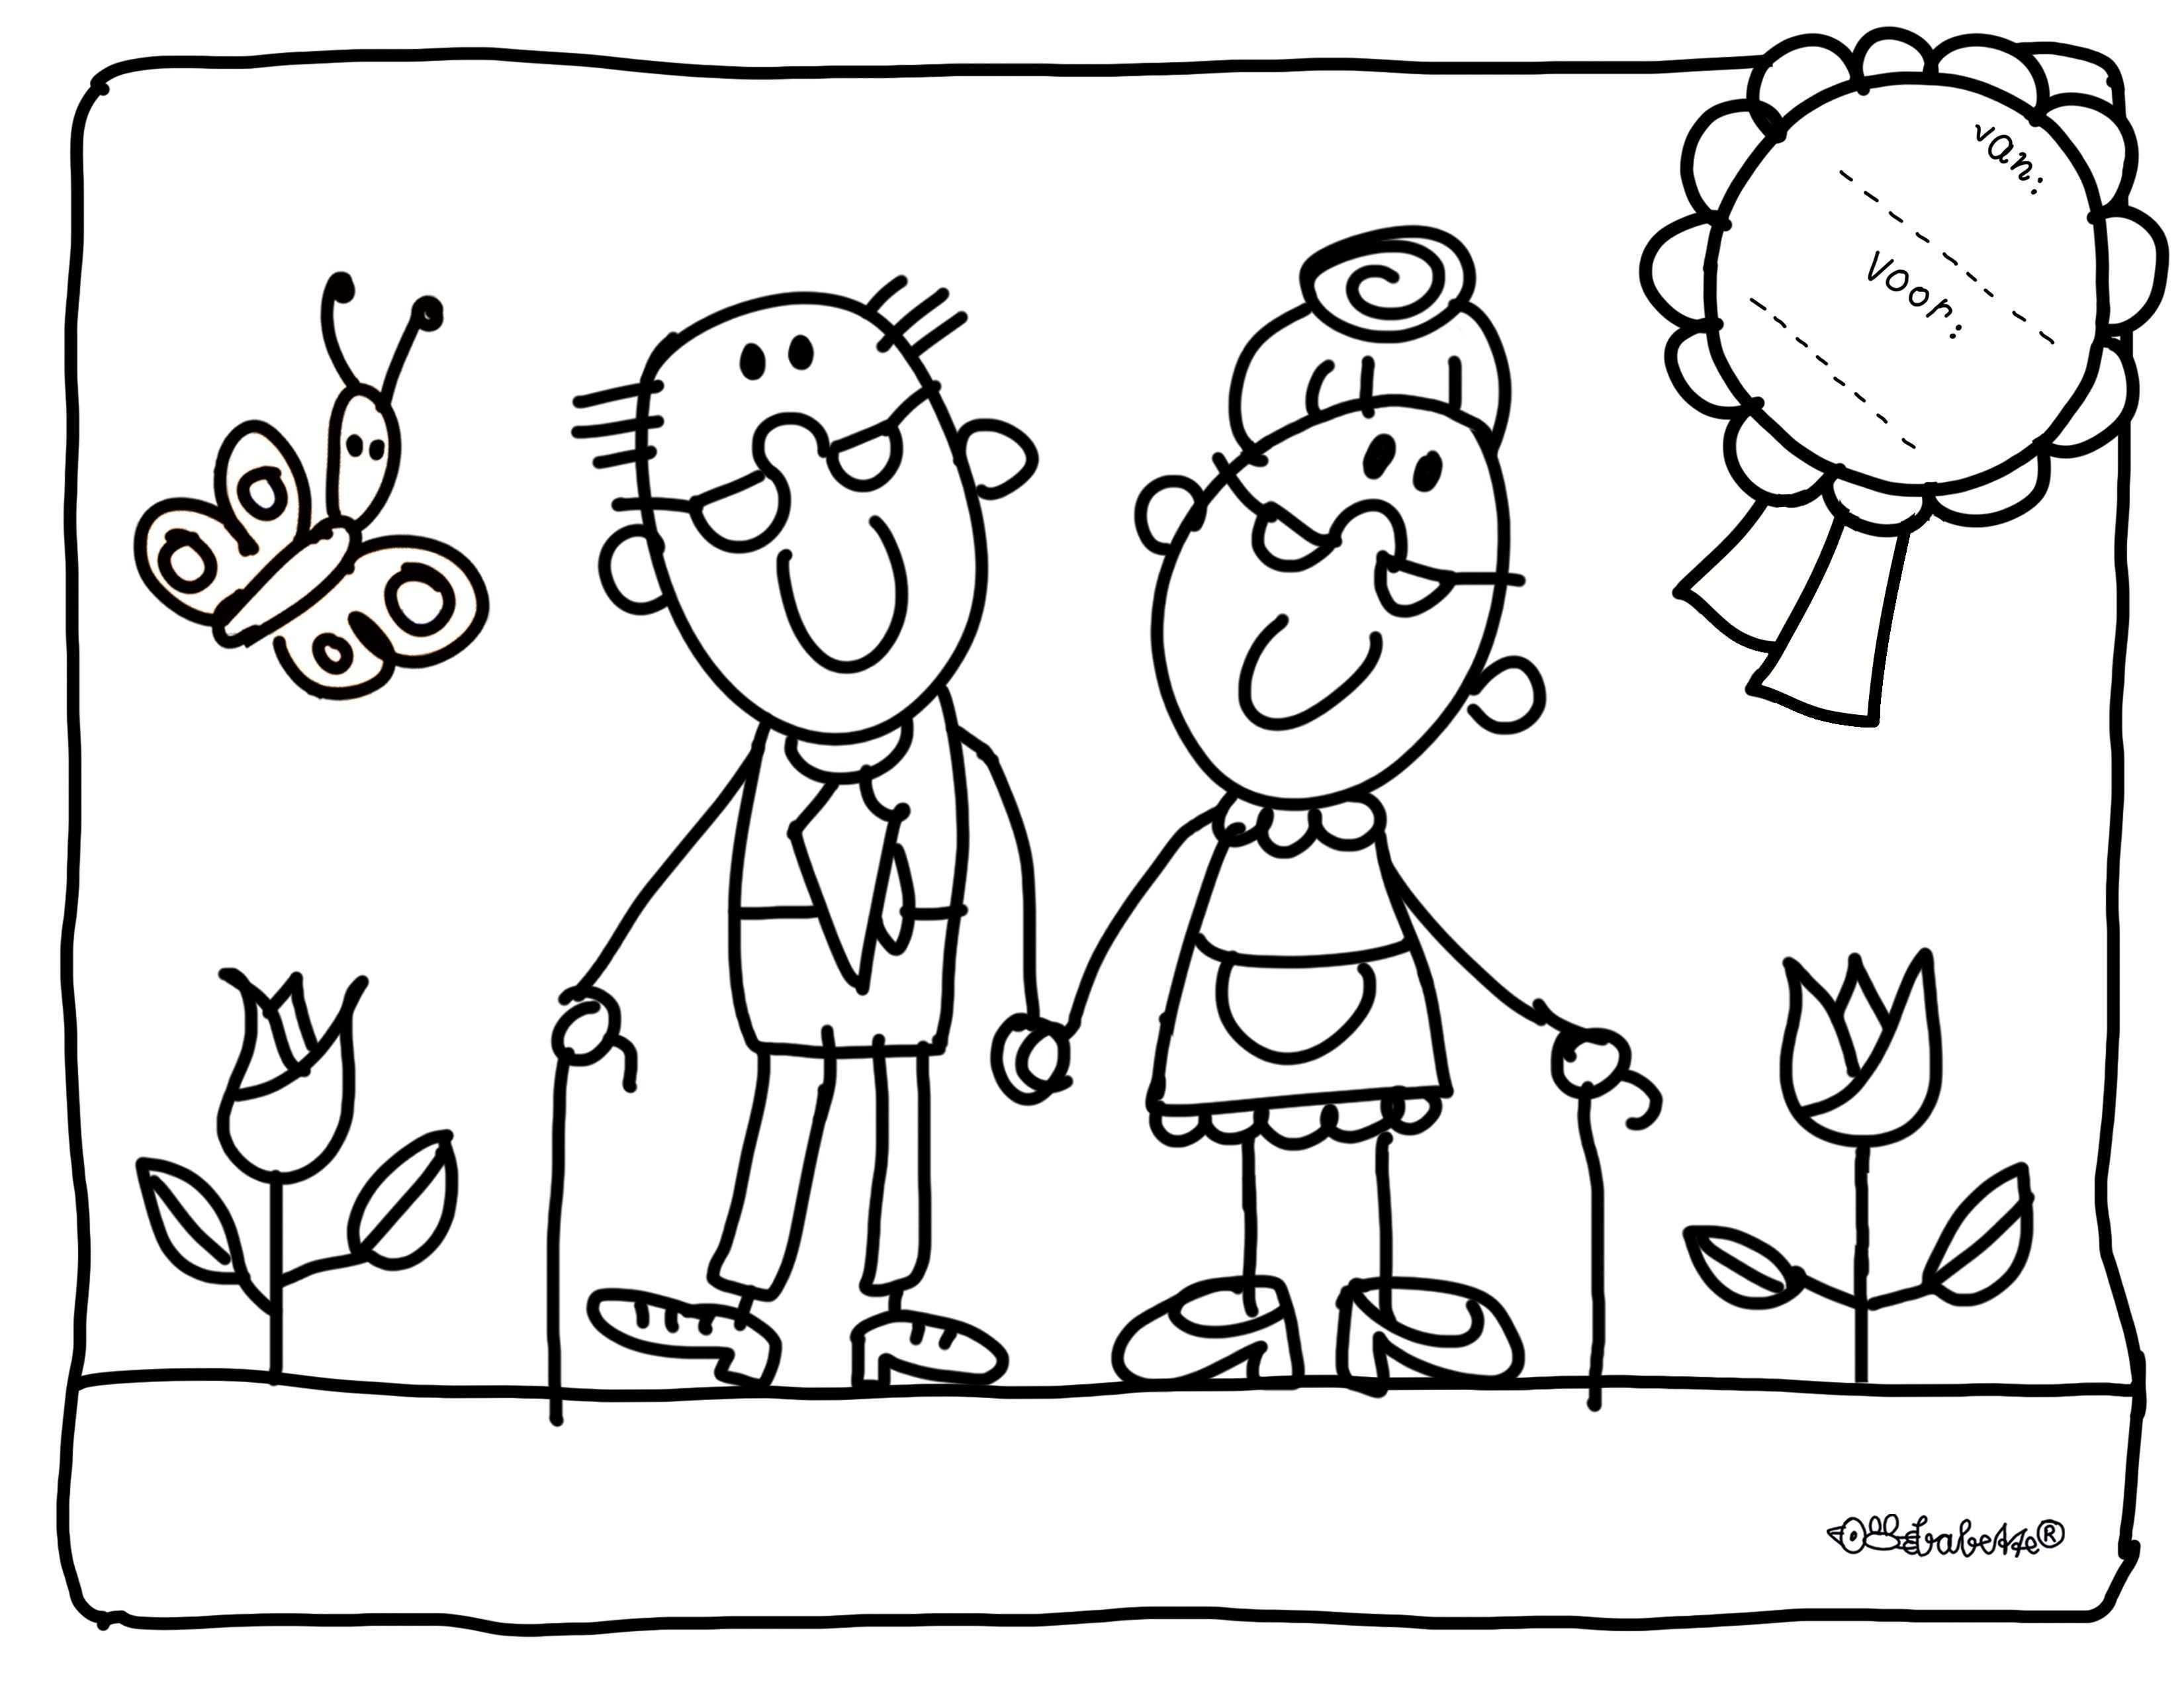 Kleurplaat Opa En Oma Jpg 3 300 2 550 Pixels Knutselen Opa En Oma Knutselen Voor Opa Knutselen Opa